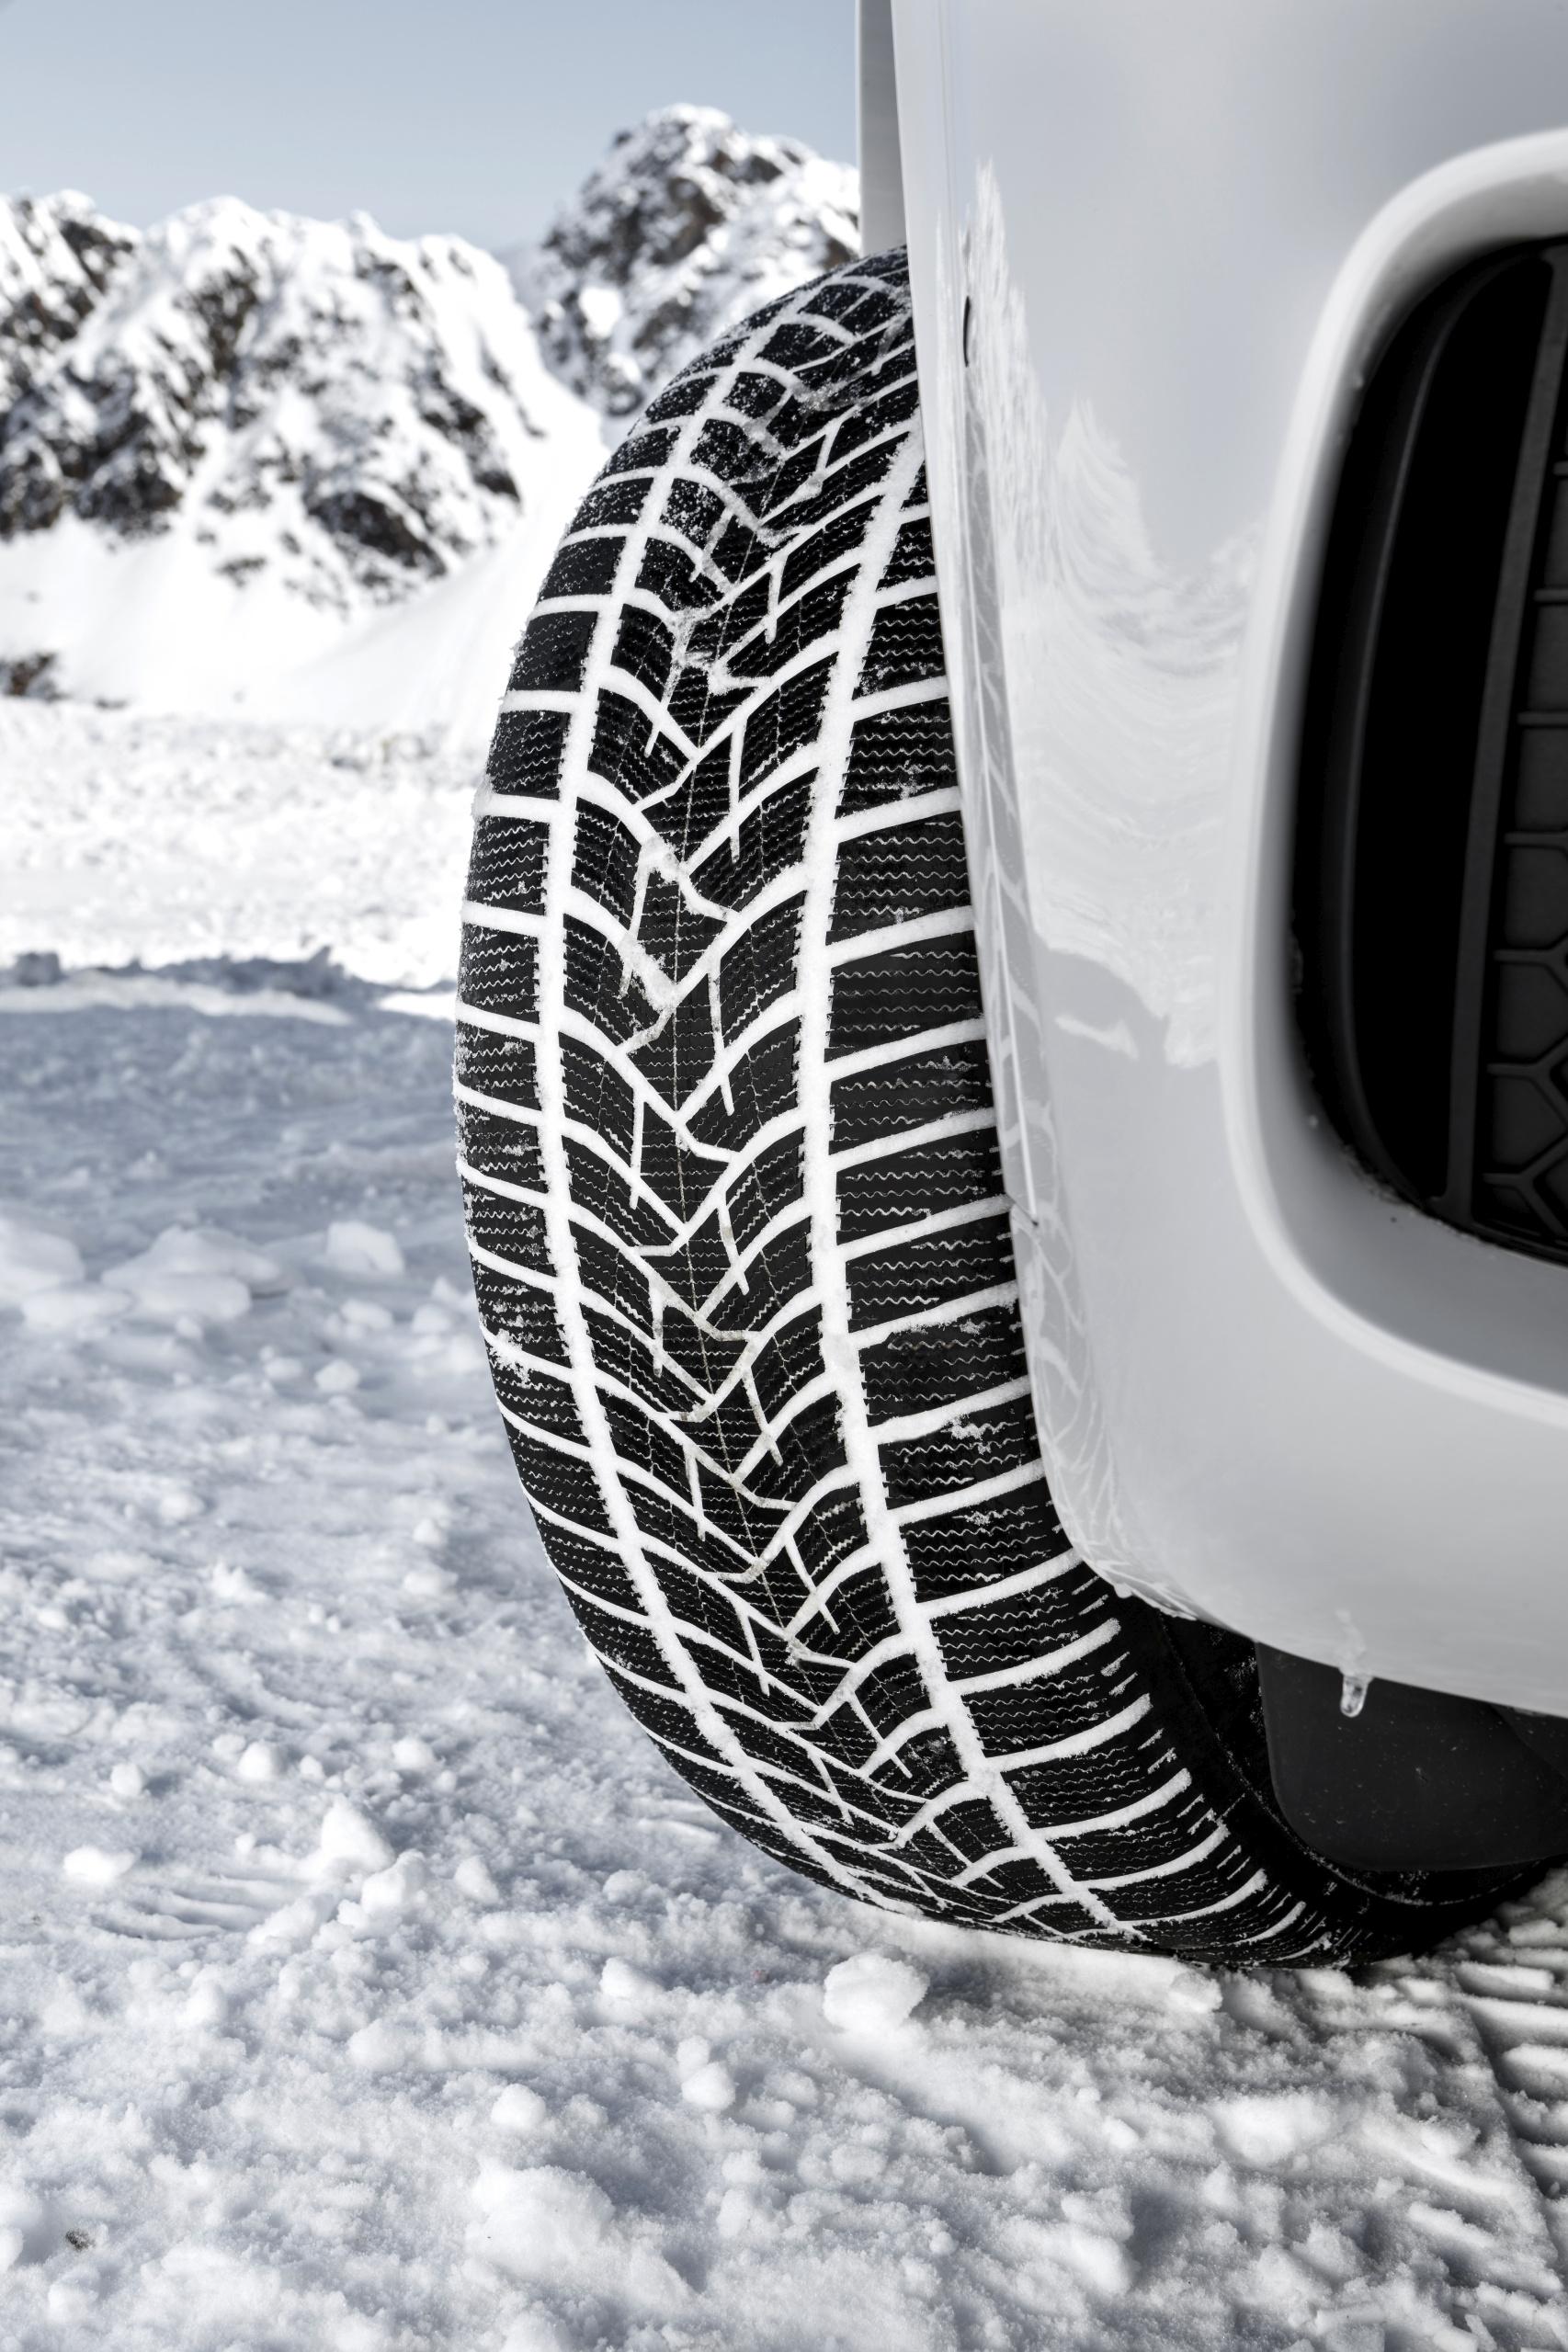 I nuovi pneumatici invernali di Dunlop Winter Sport 5 SUV